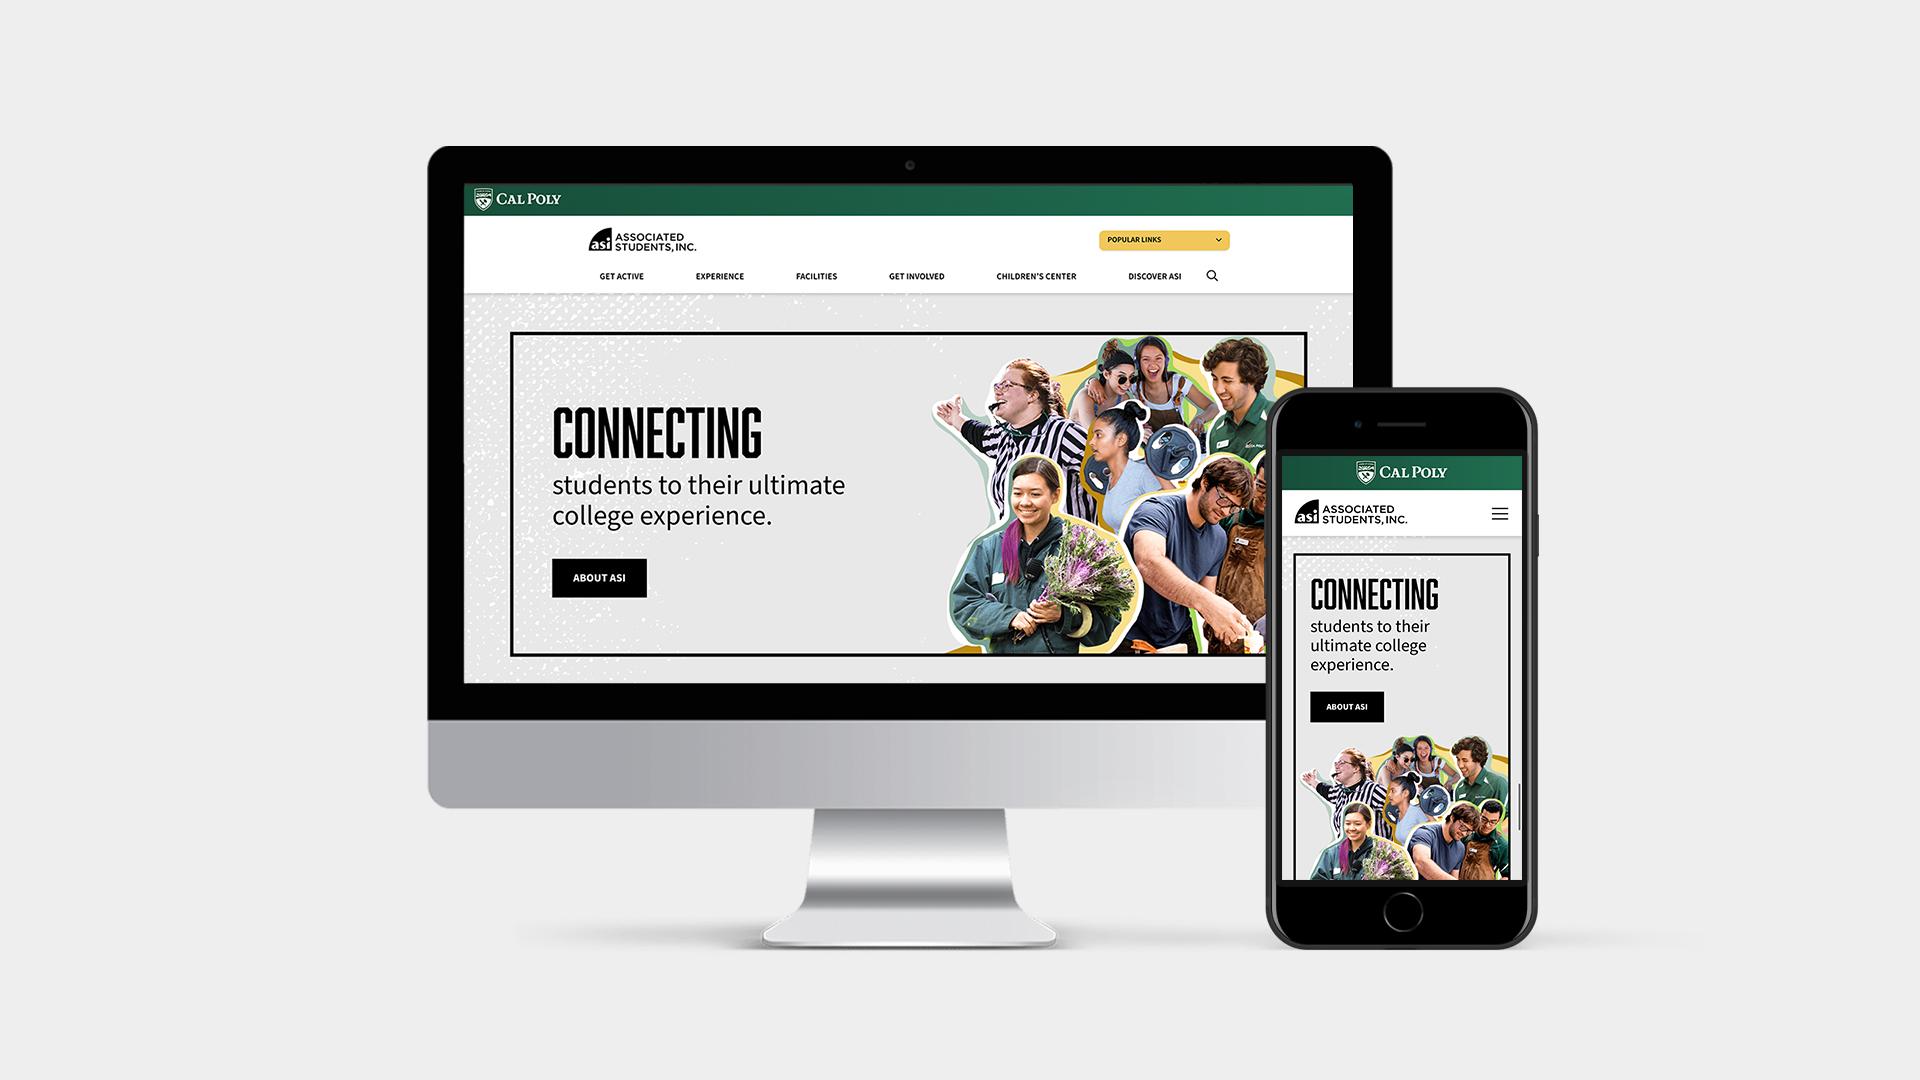 ASI Cal Poly Website Redesign